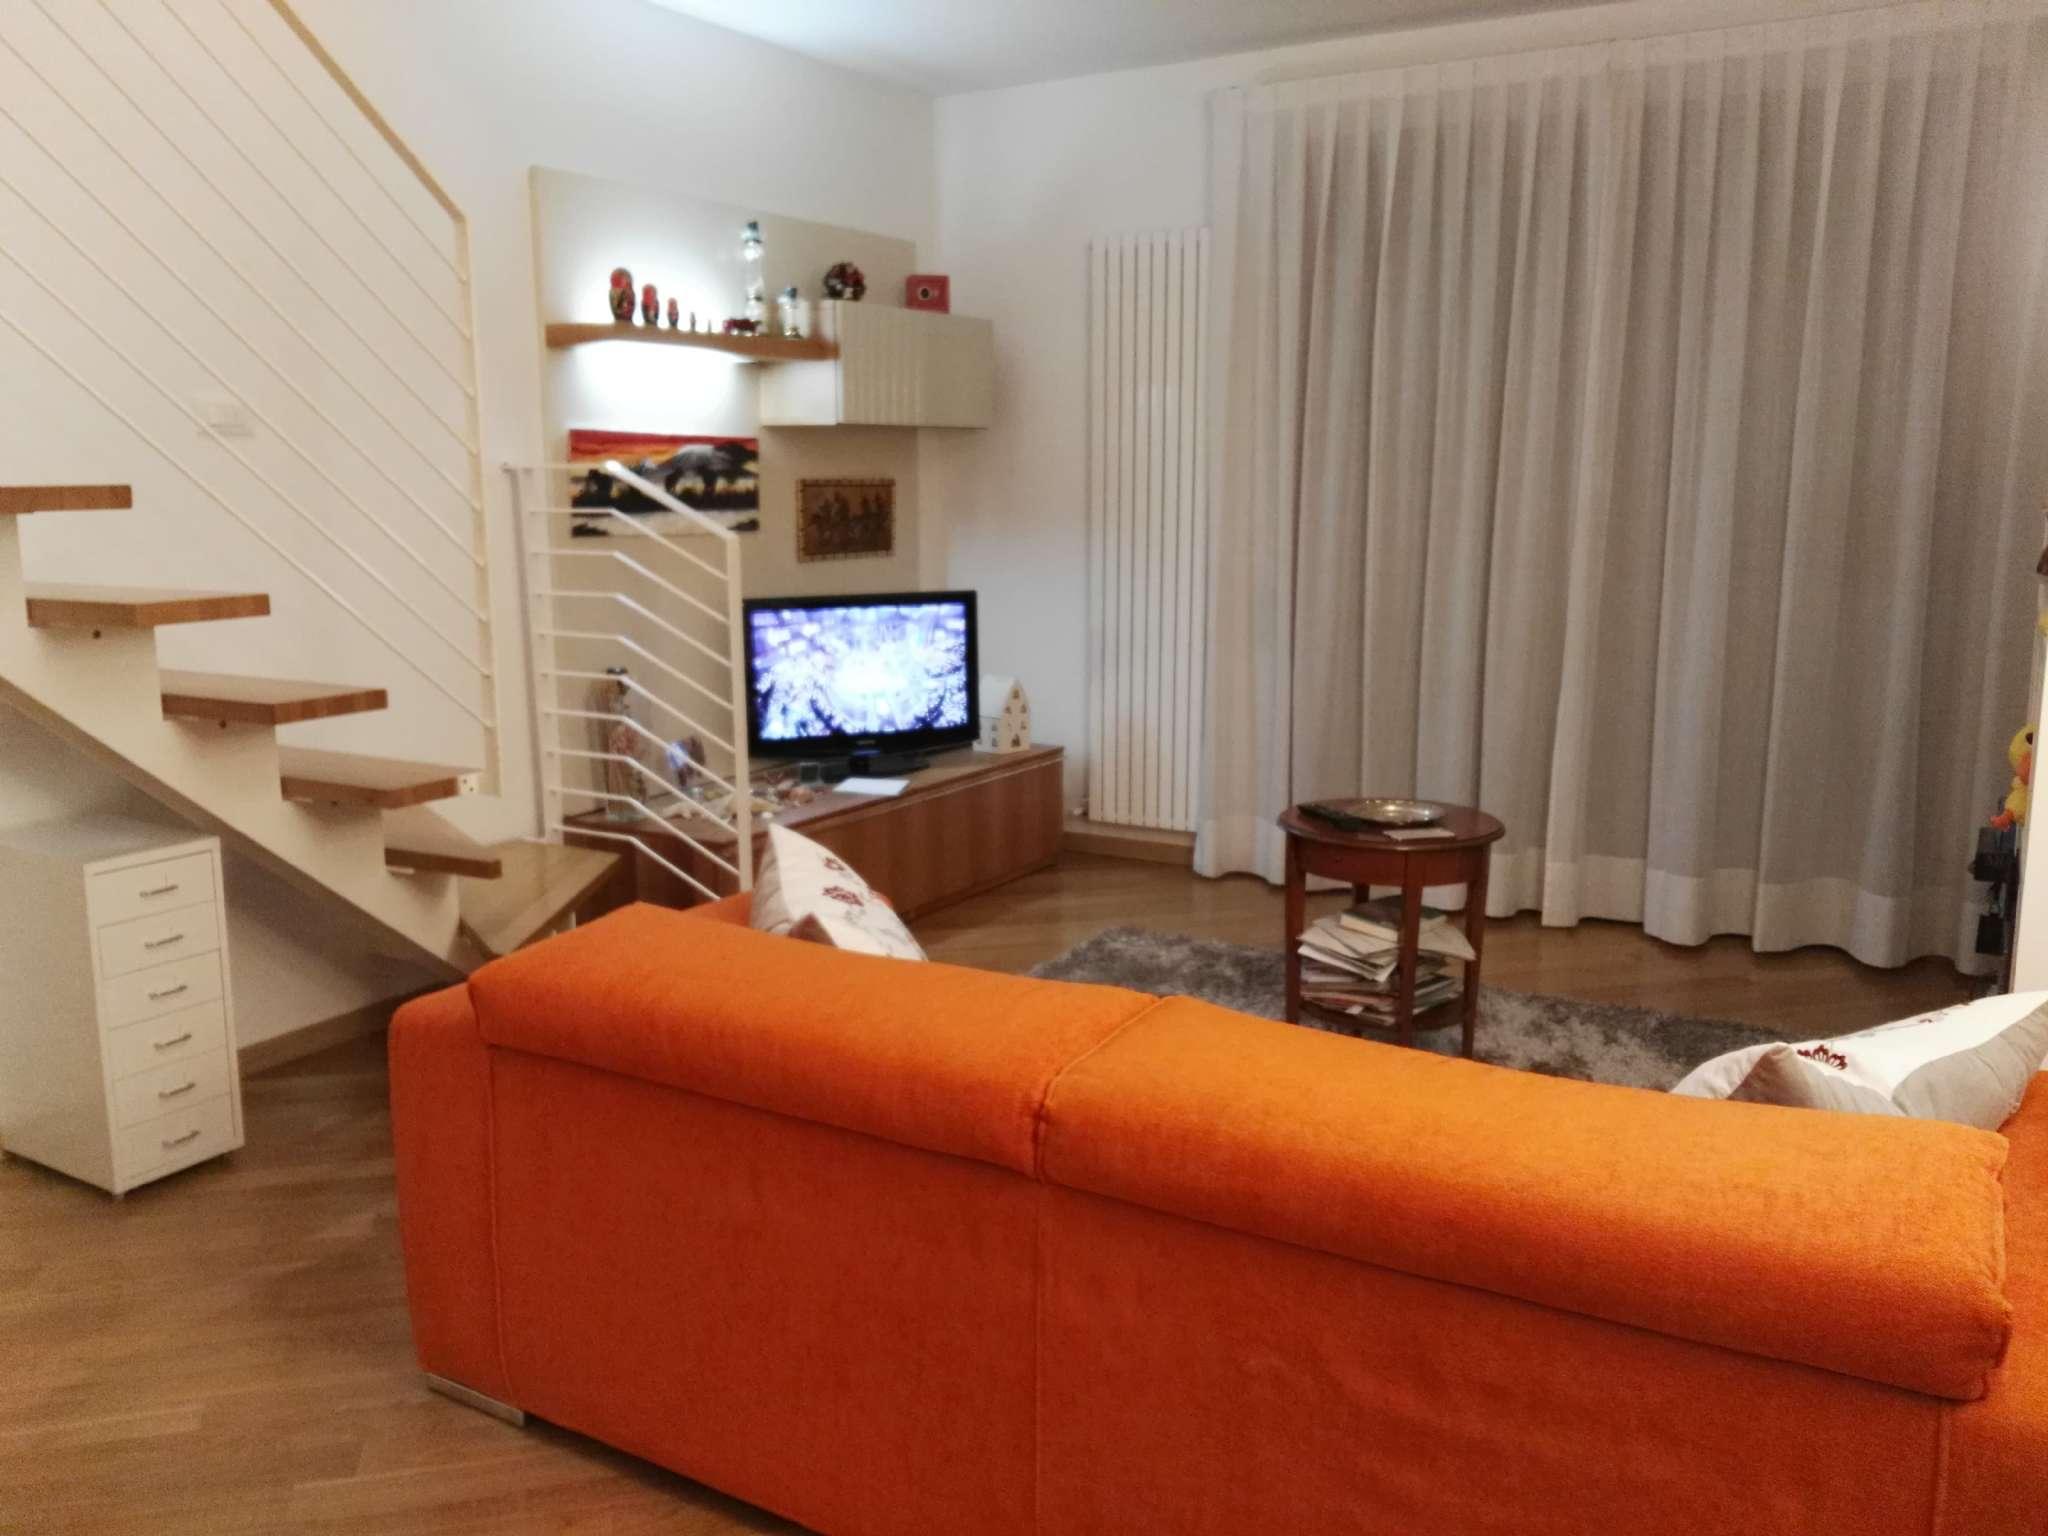 Appartamento in vendita a Padova, 4 locali, zona Zona: 6 . Ovest (Brentella-Valsugana), prezzo € 185.000 | Cambio Casa.it